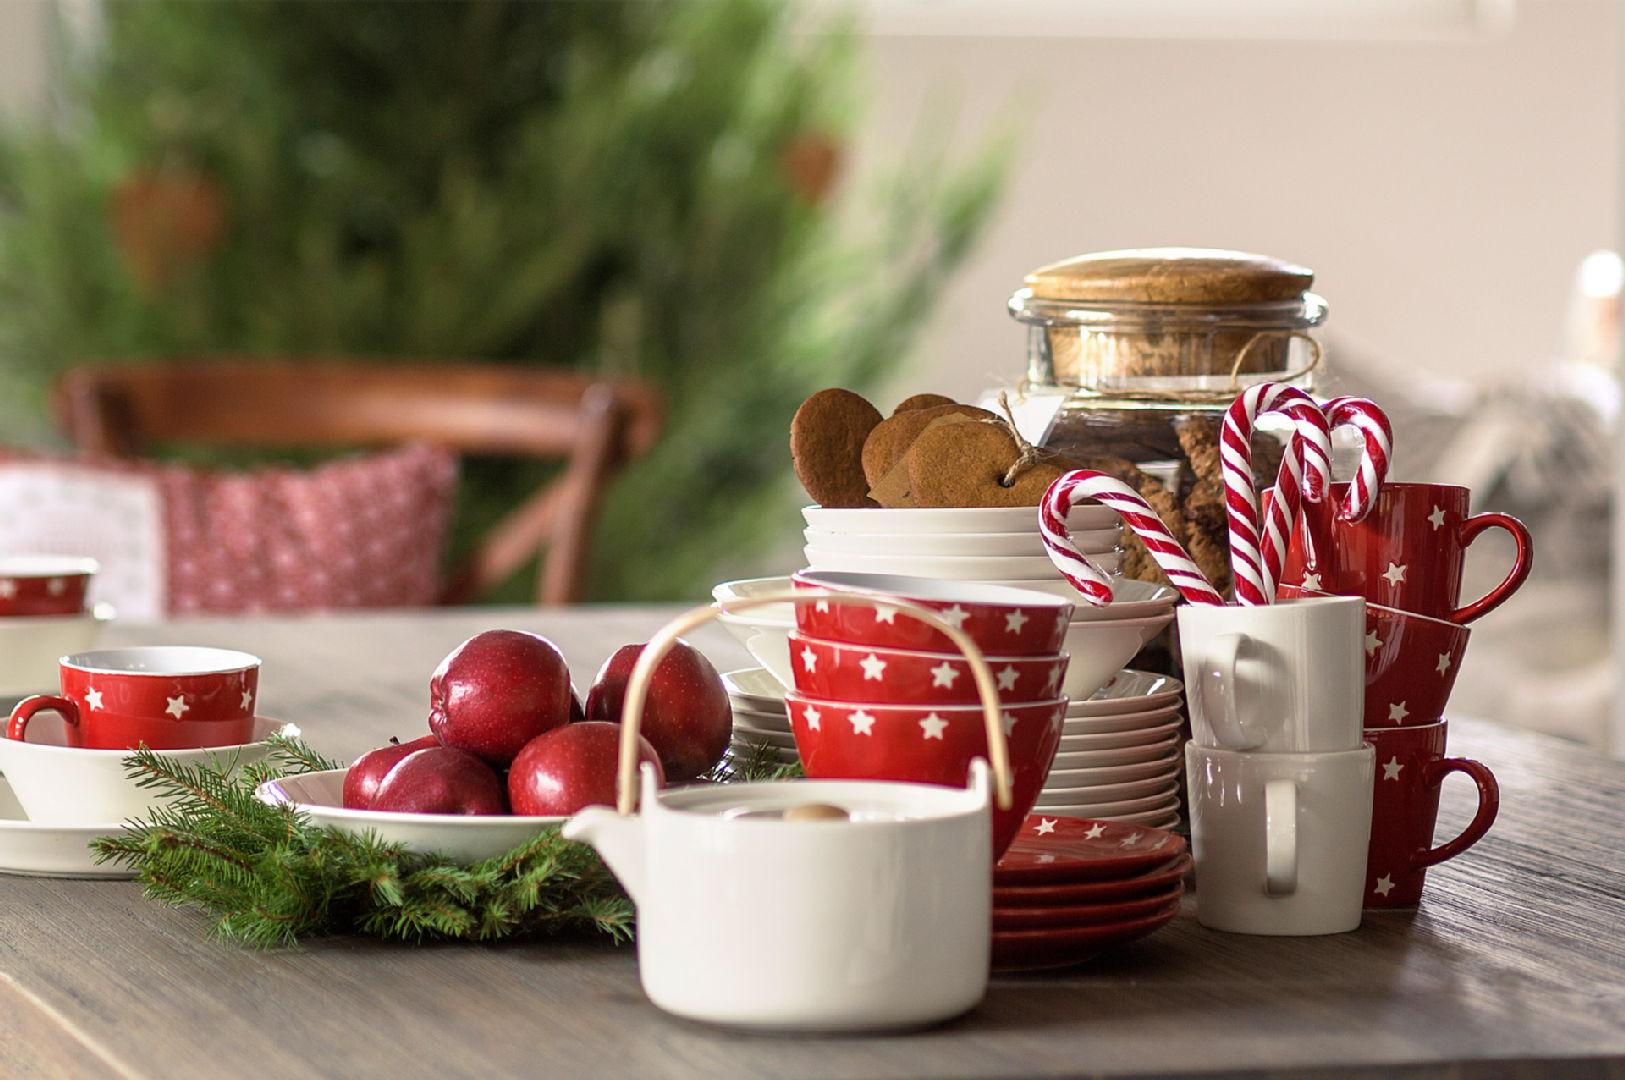 Sisustusideat joulukotiin